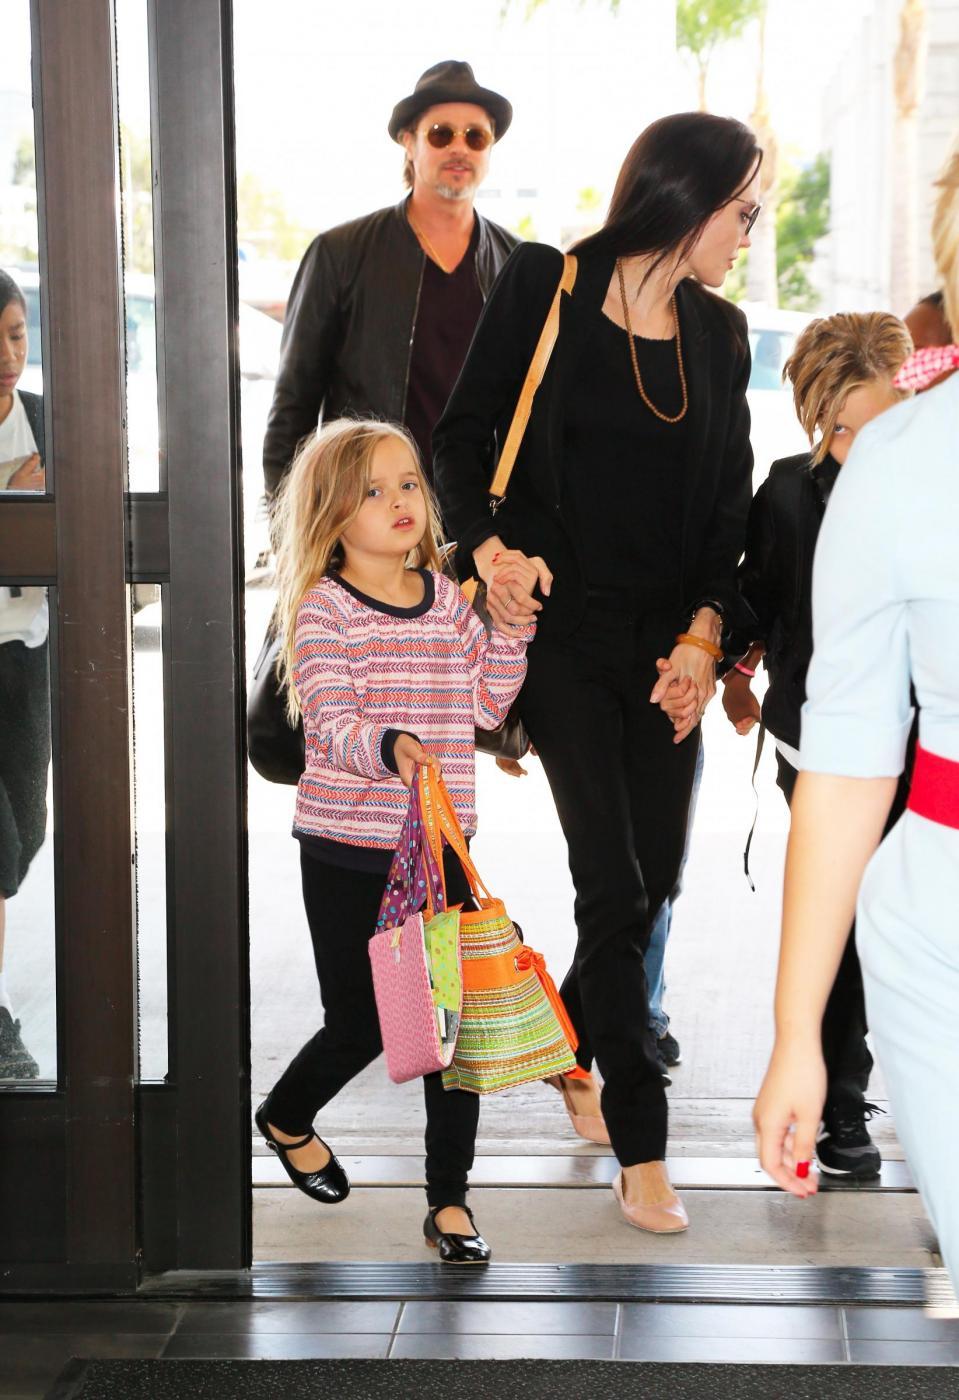 Angelina Jolie e Brad Pitt all'aeroporto con i figli FOTO 21